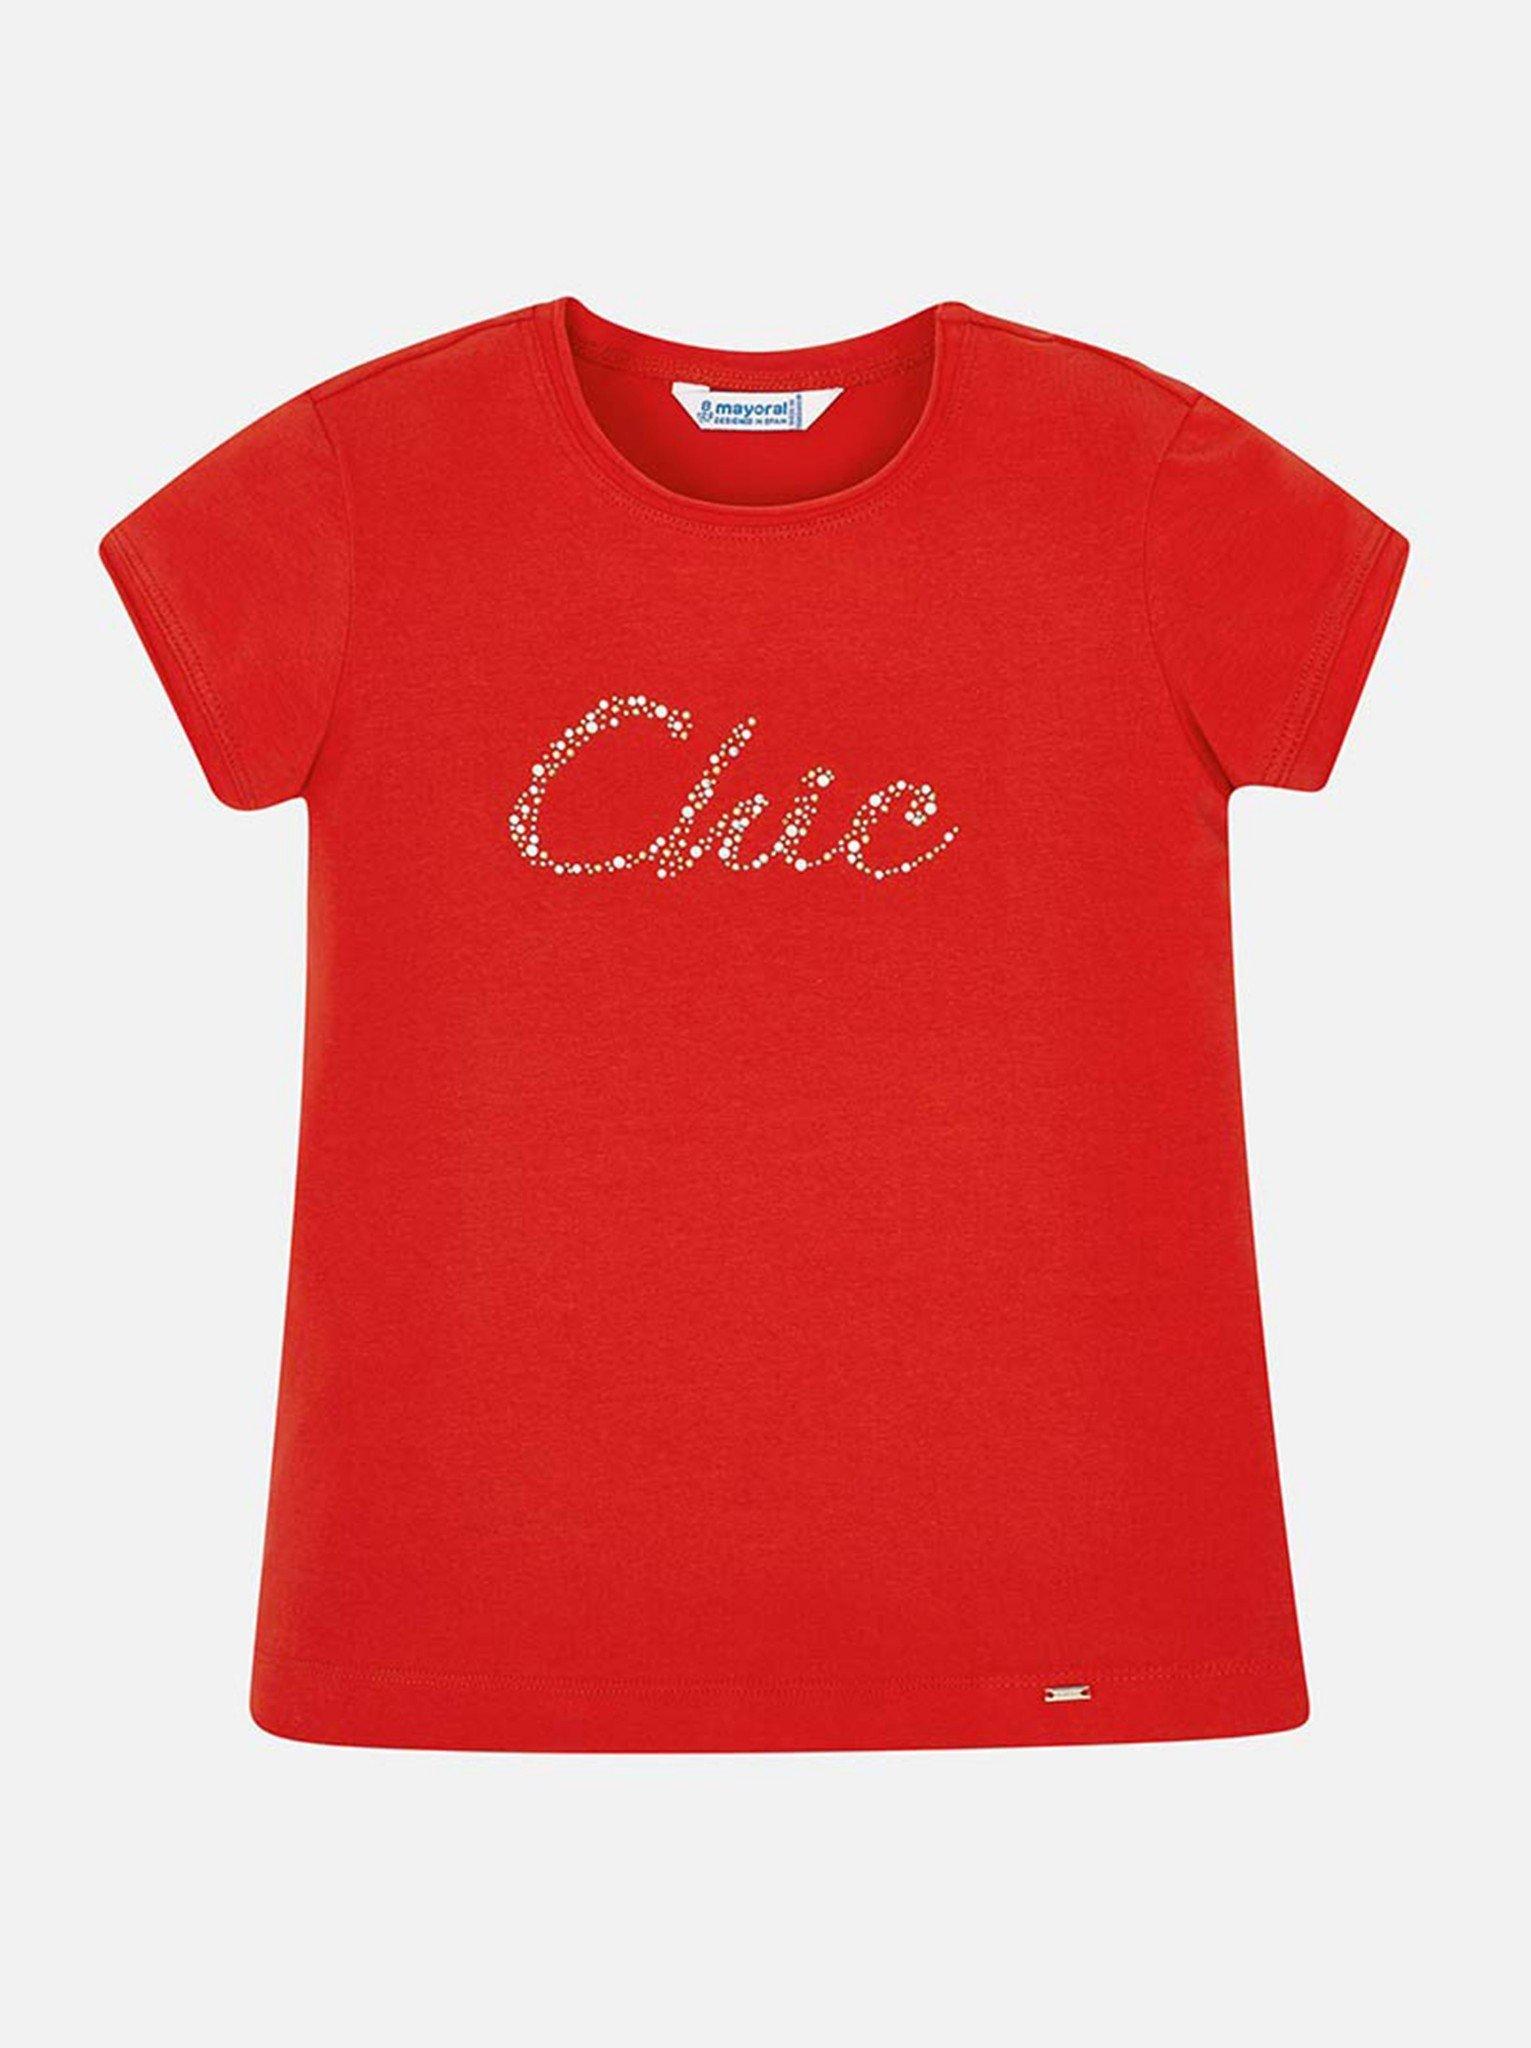 Áo phông bé gái đỏ chữ đính hạt